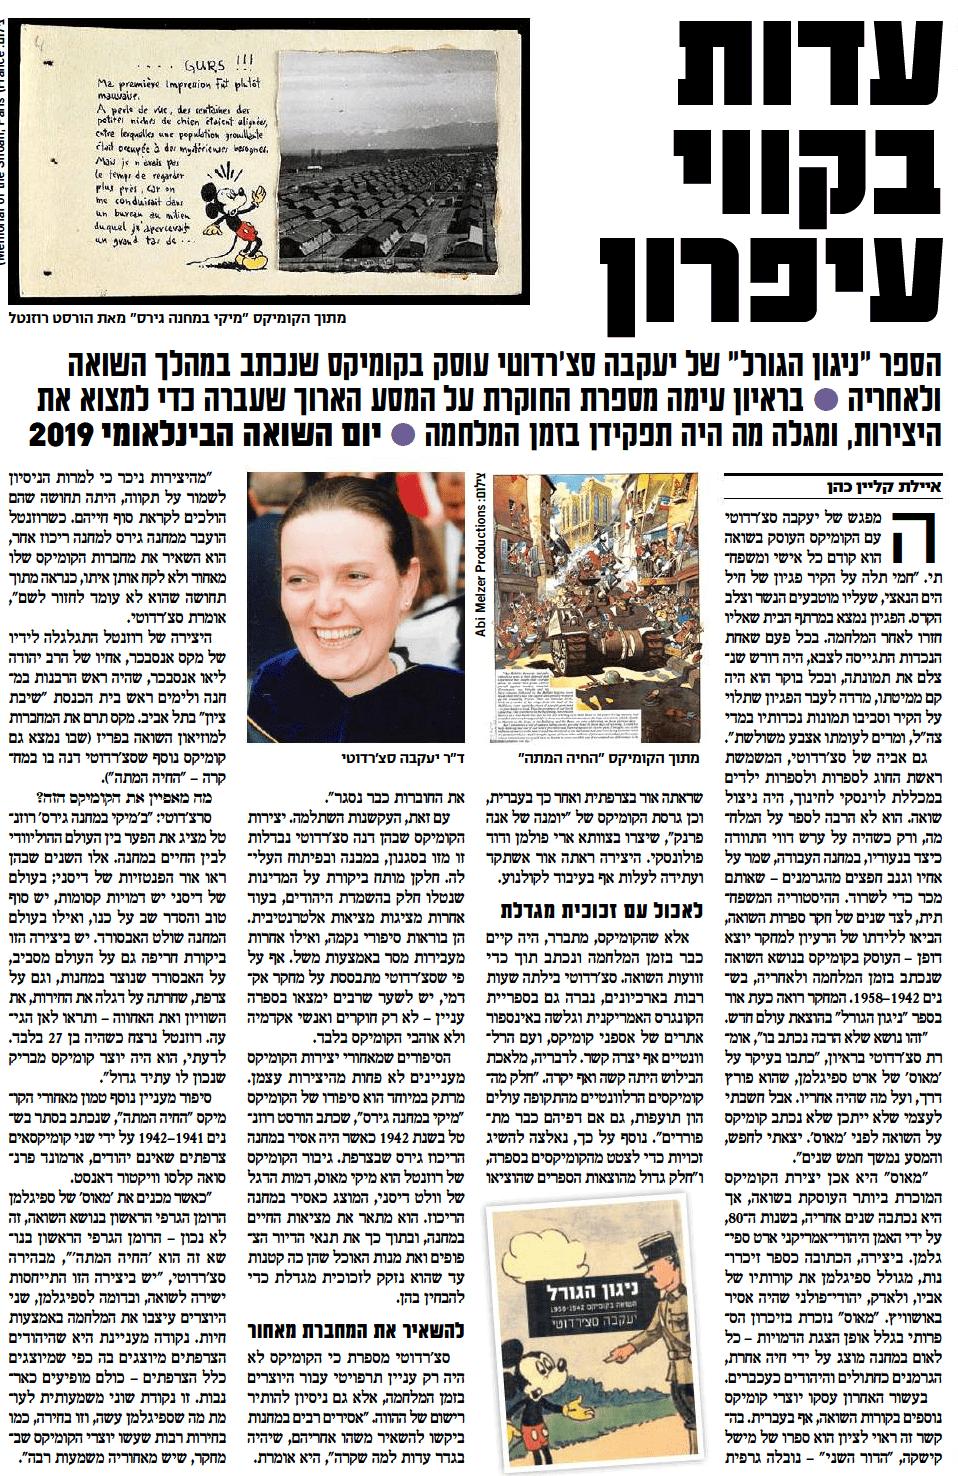 """כתבה על הספר של יעקבה סצ'רדוטי """"ניגון הגורל"""" בישראל היום"""